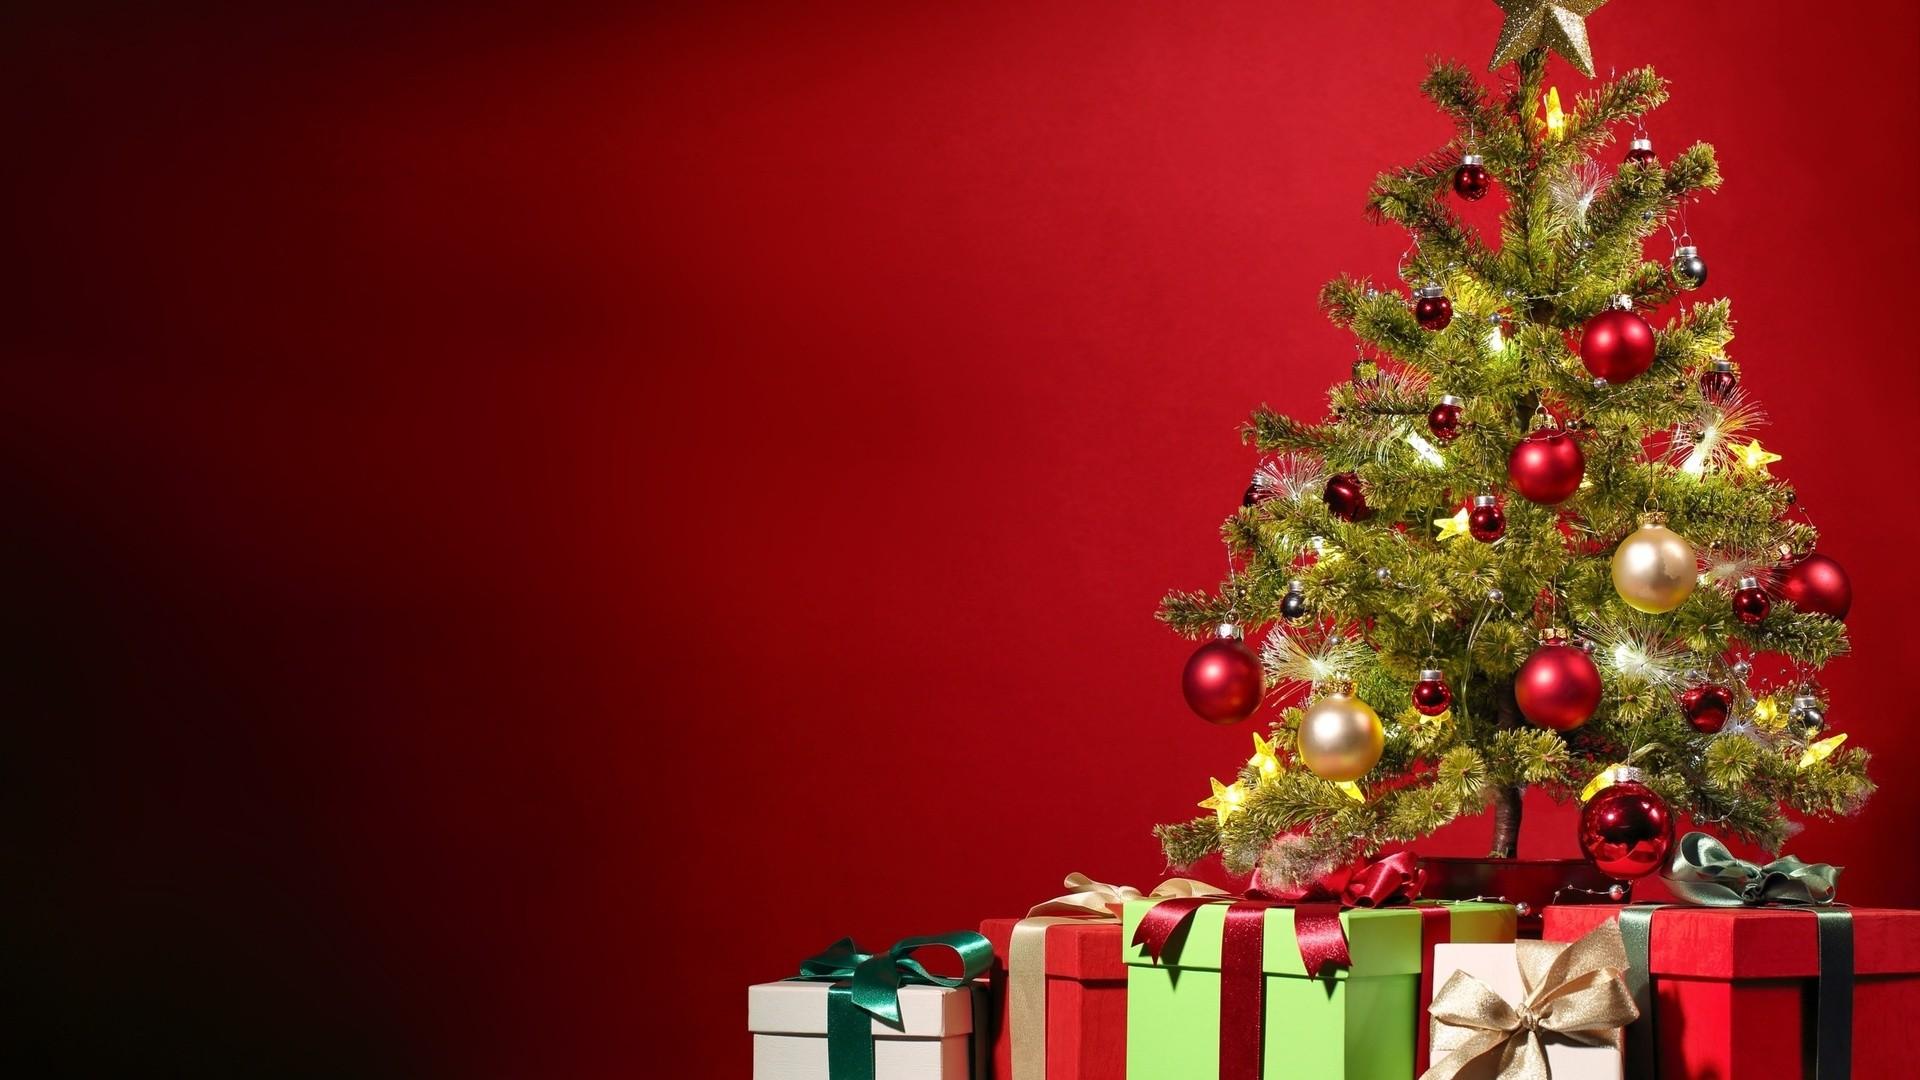 Merry Christmas Wallpaper Free - WallpaperSafari